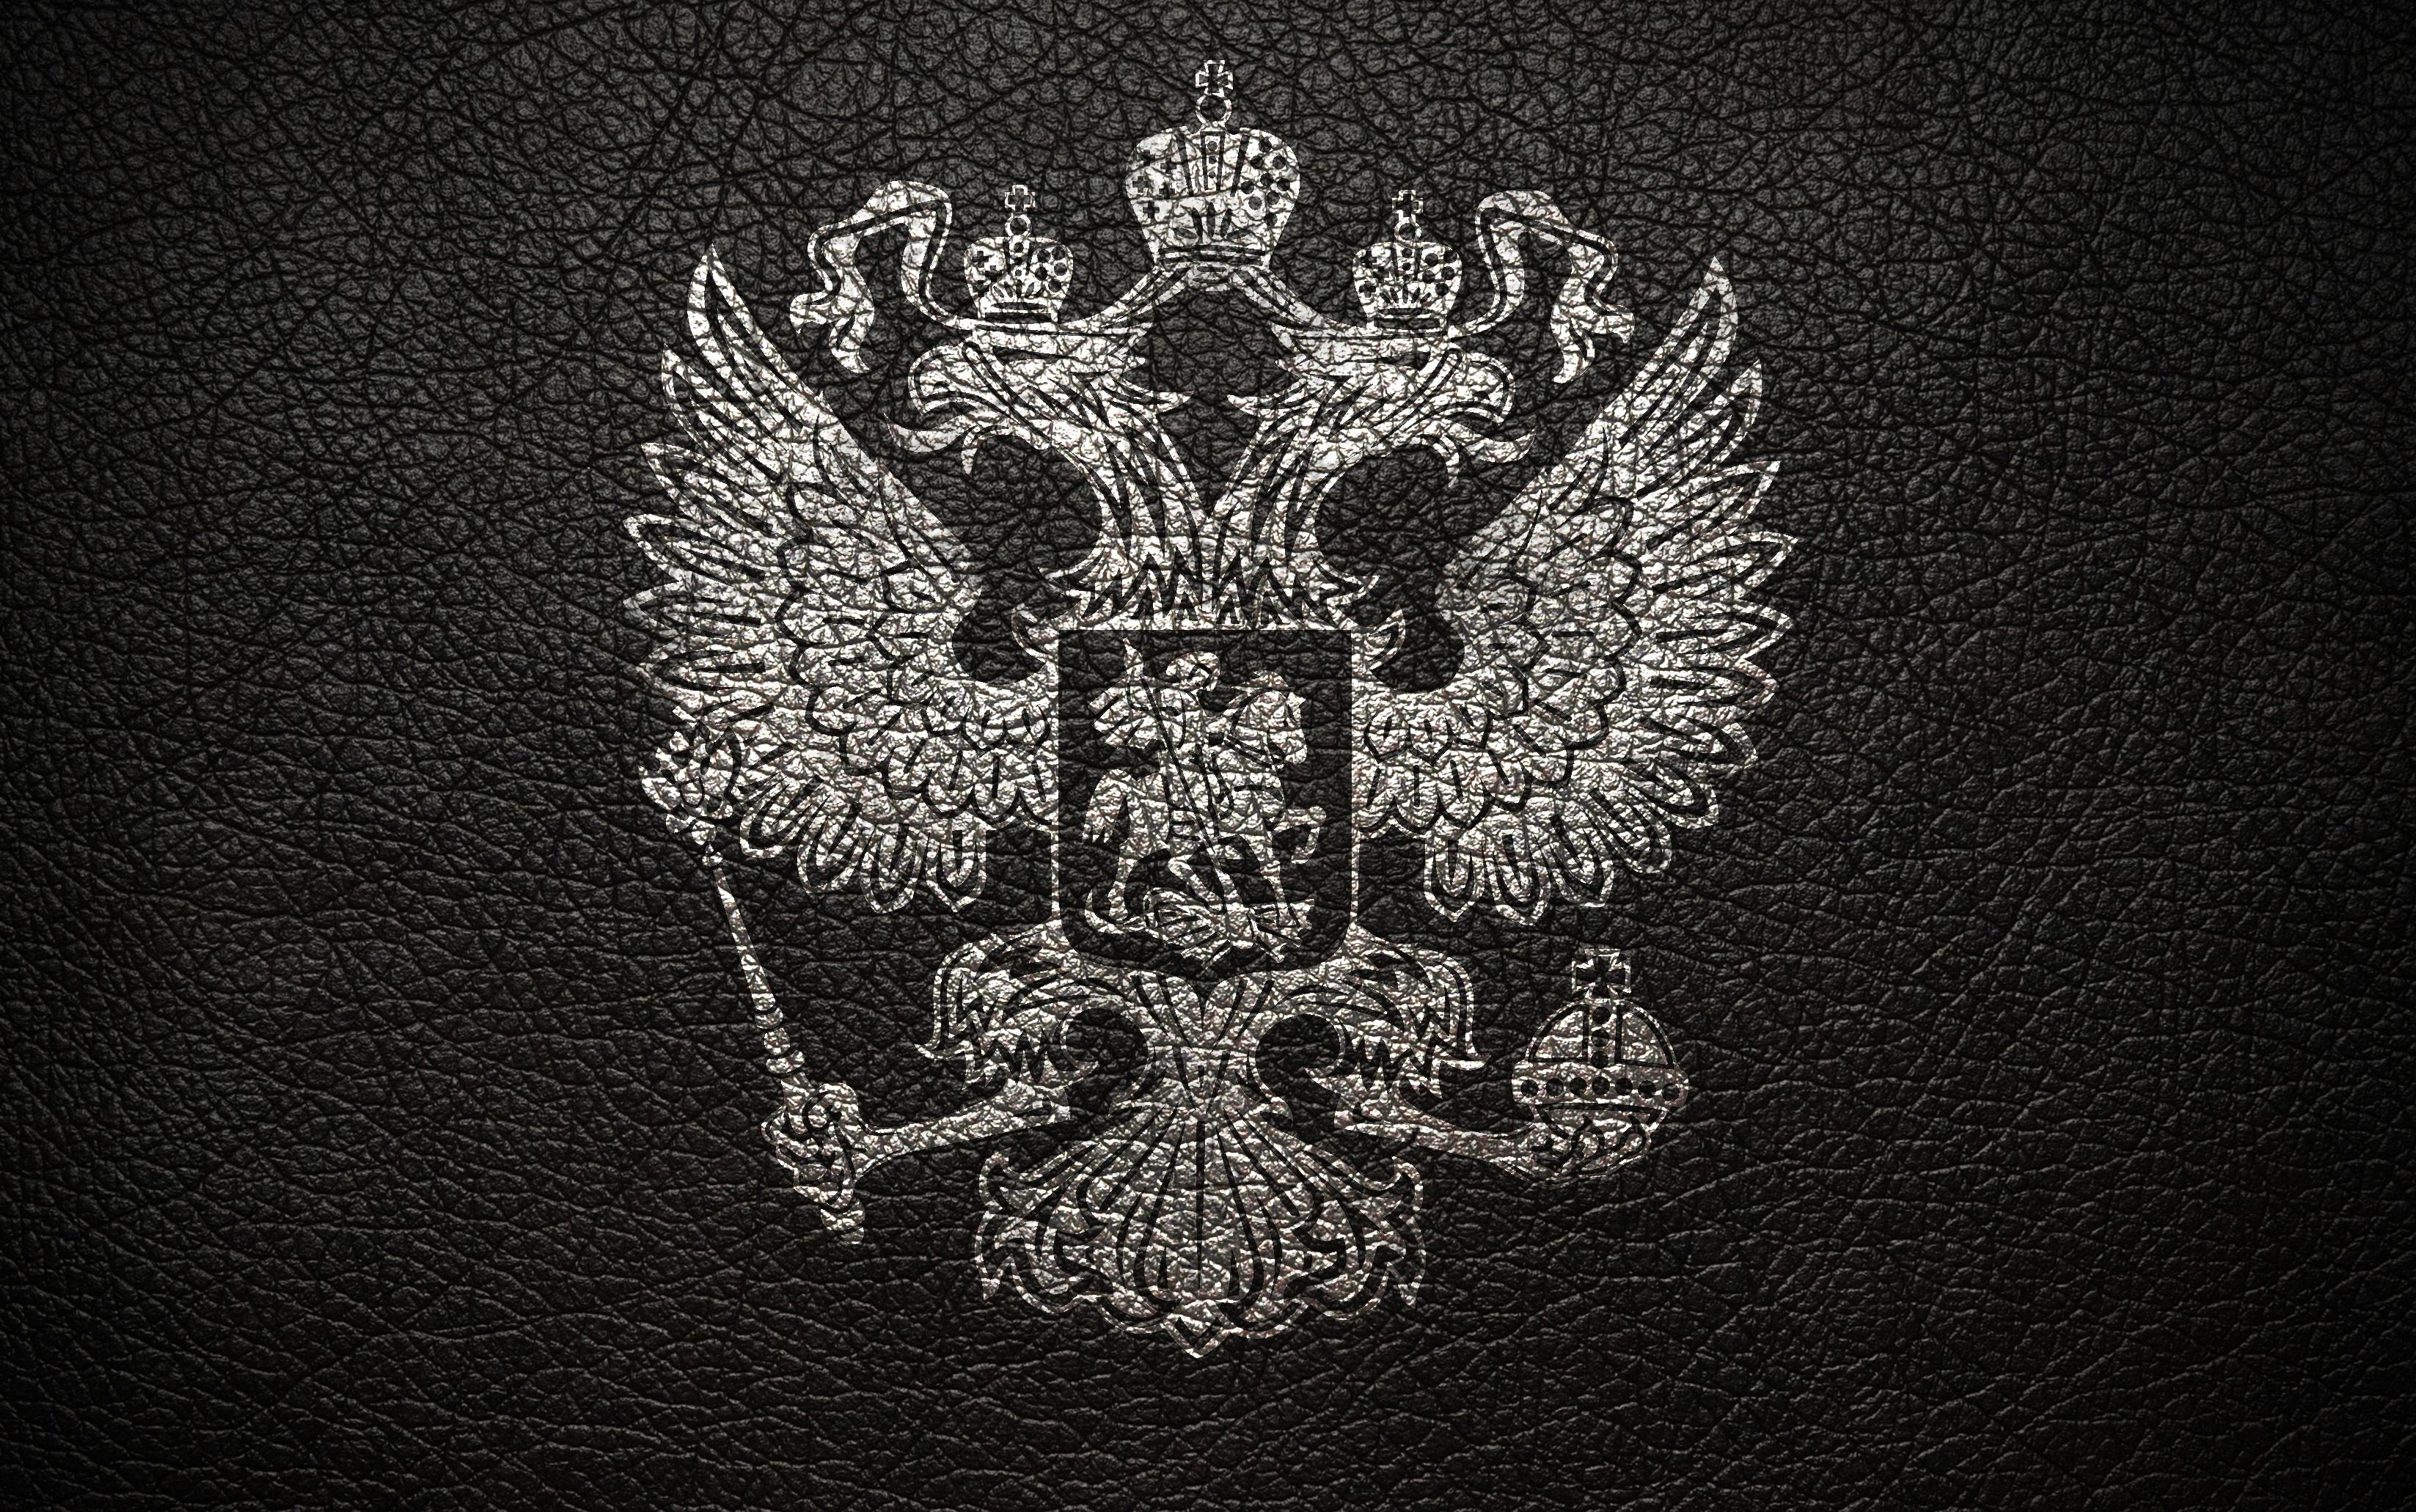 Картинка на аву герб россии